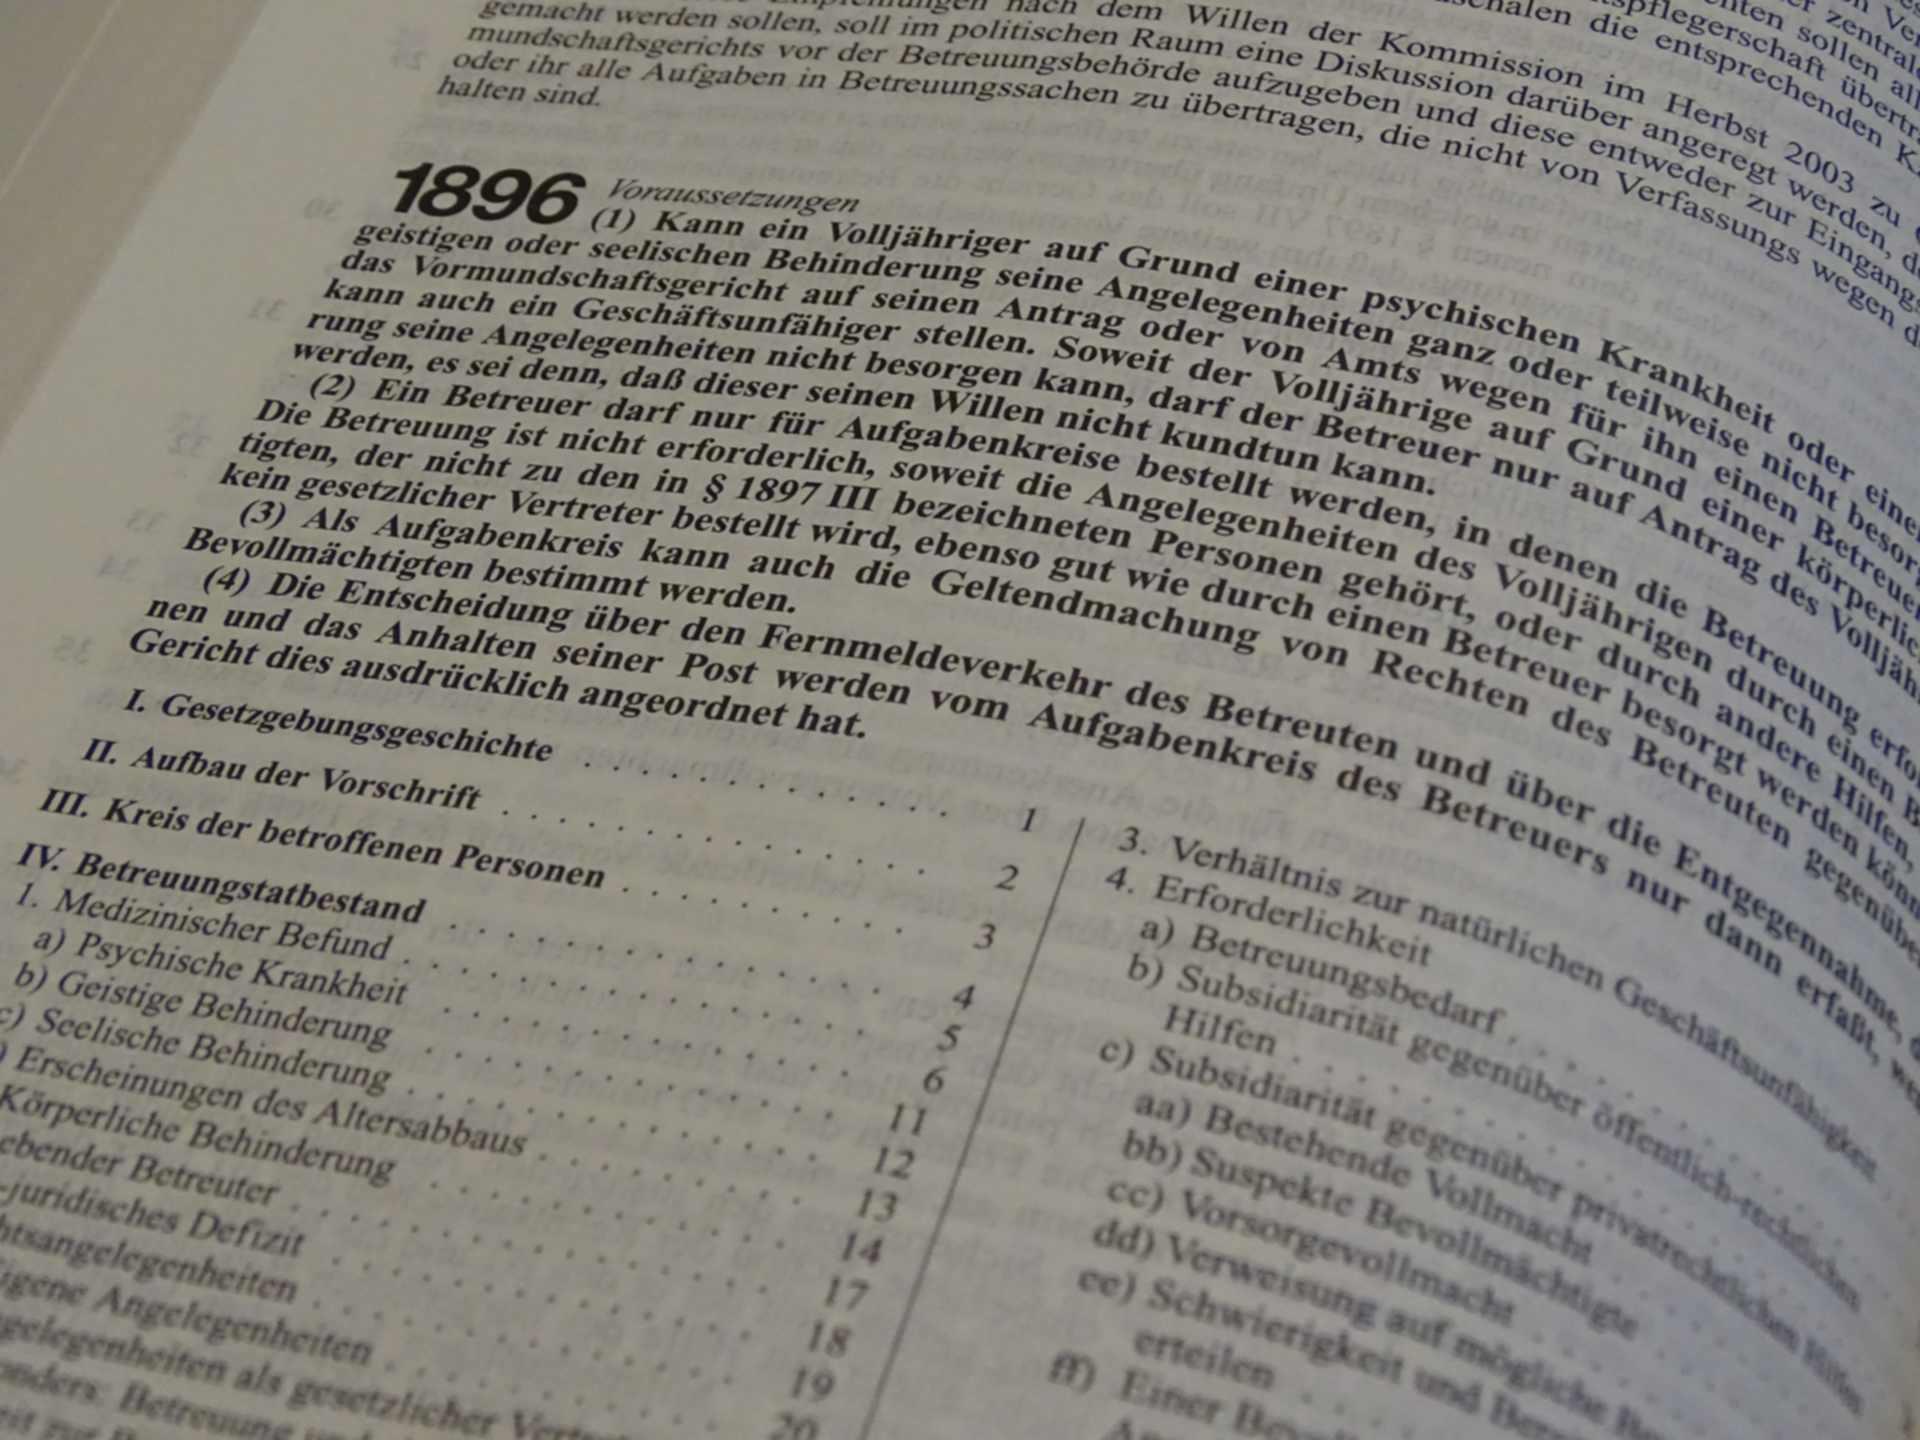 Betreuungsgerichtliche Genehmigung einer zivilrechtlichen Unterbringung